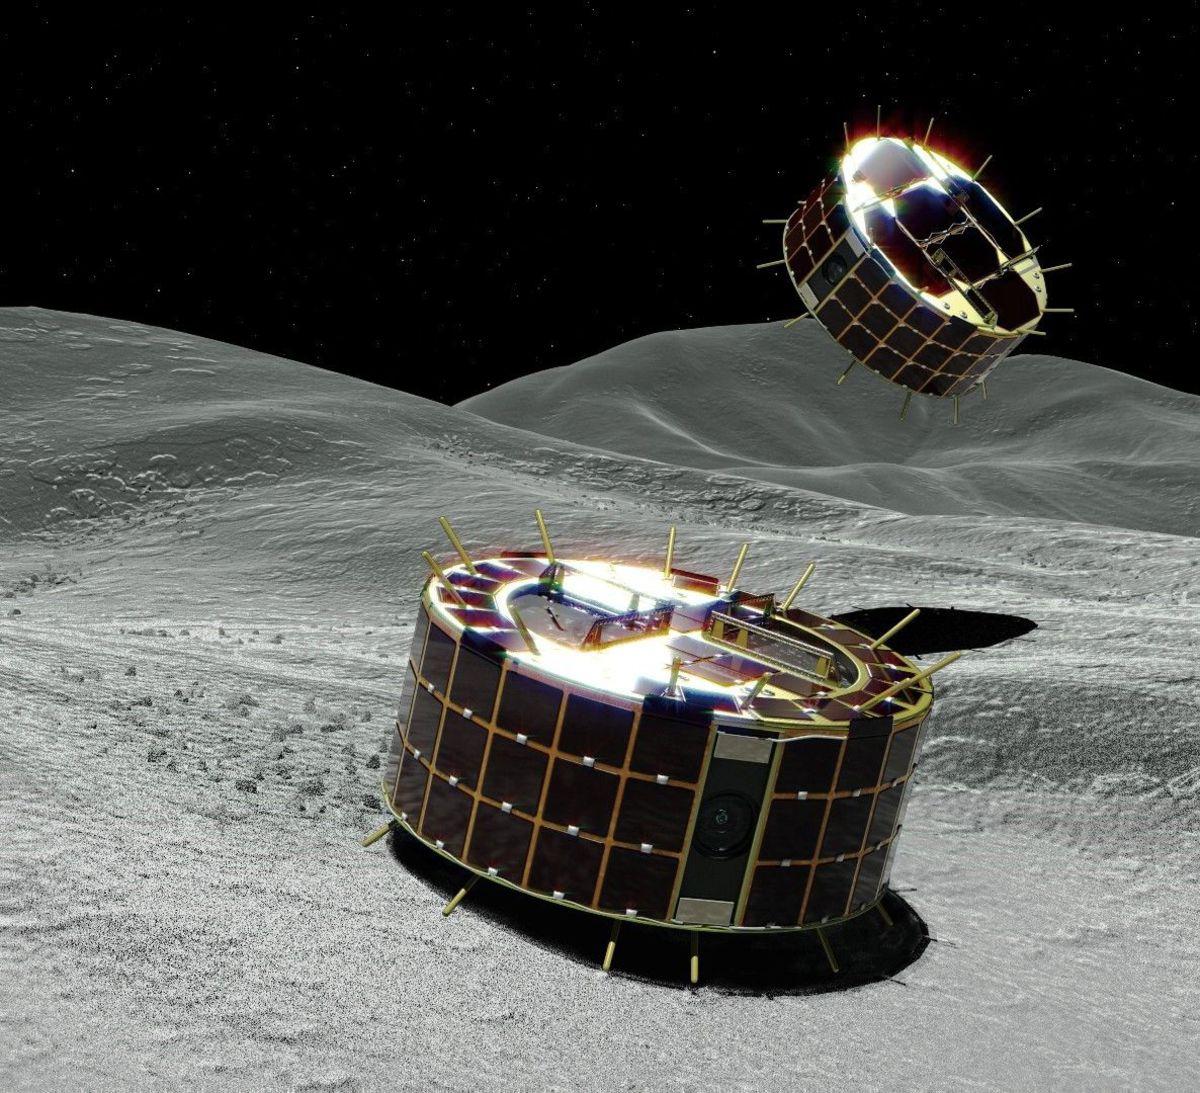 Два робота-прыгуна запущены на астероид Рюгу